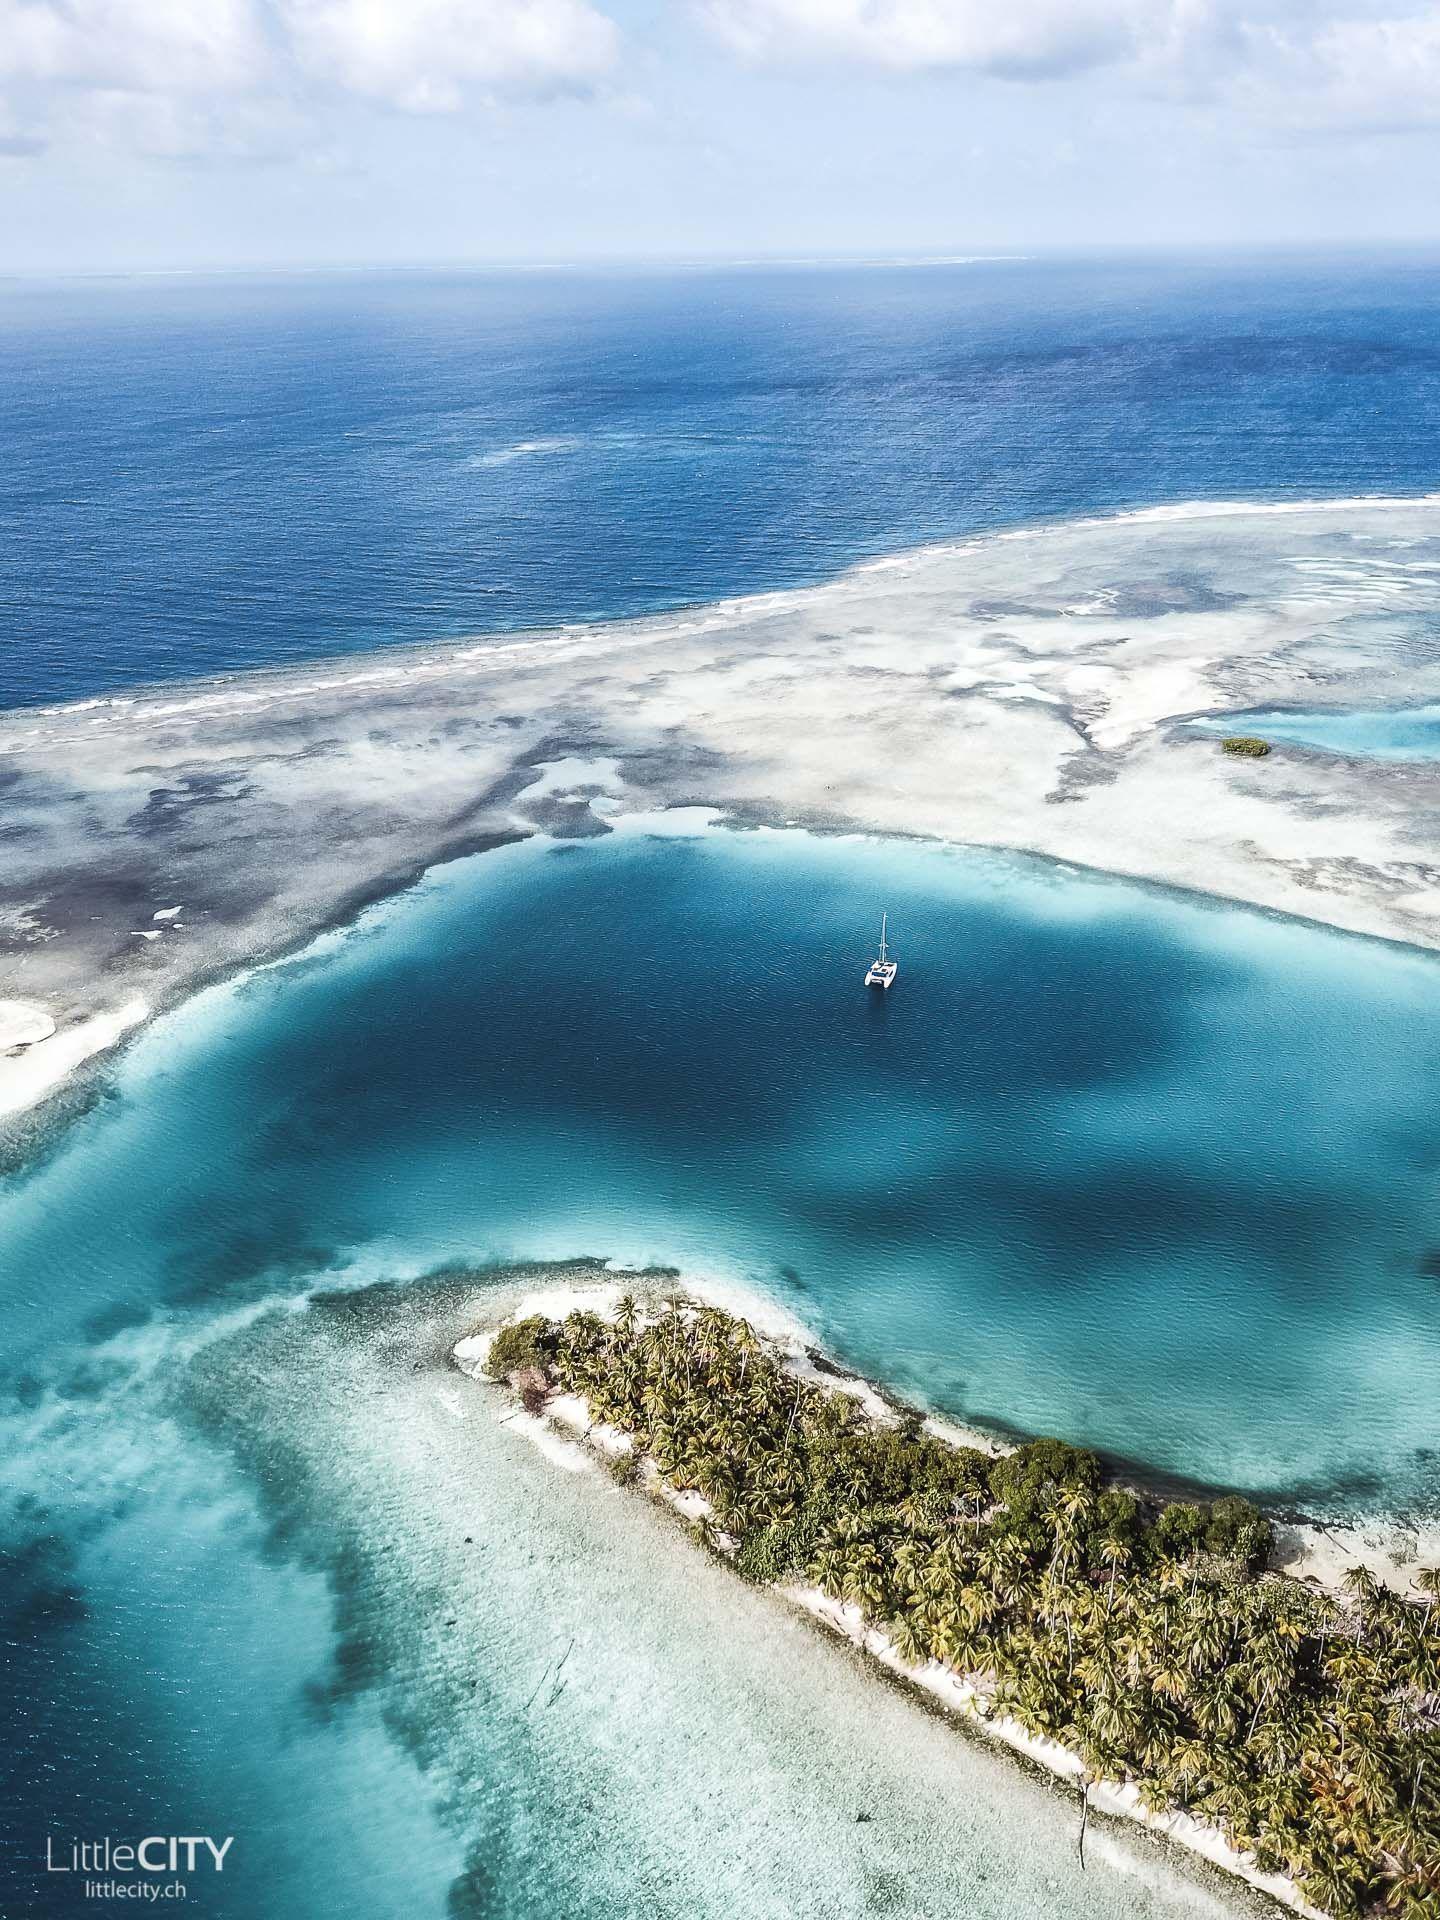 San Blas Inseln Eine Reise Ins Faszinierende Land Der Kuna Indianer Littlecity Ch Schweizer Reiseblog Travelblog Mit Reise Ausflugstipps In 2020 Ausflug Reiseziele Schonste Strande Der Welt